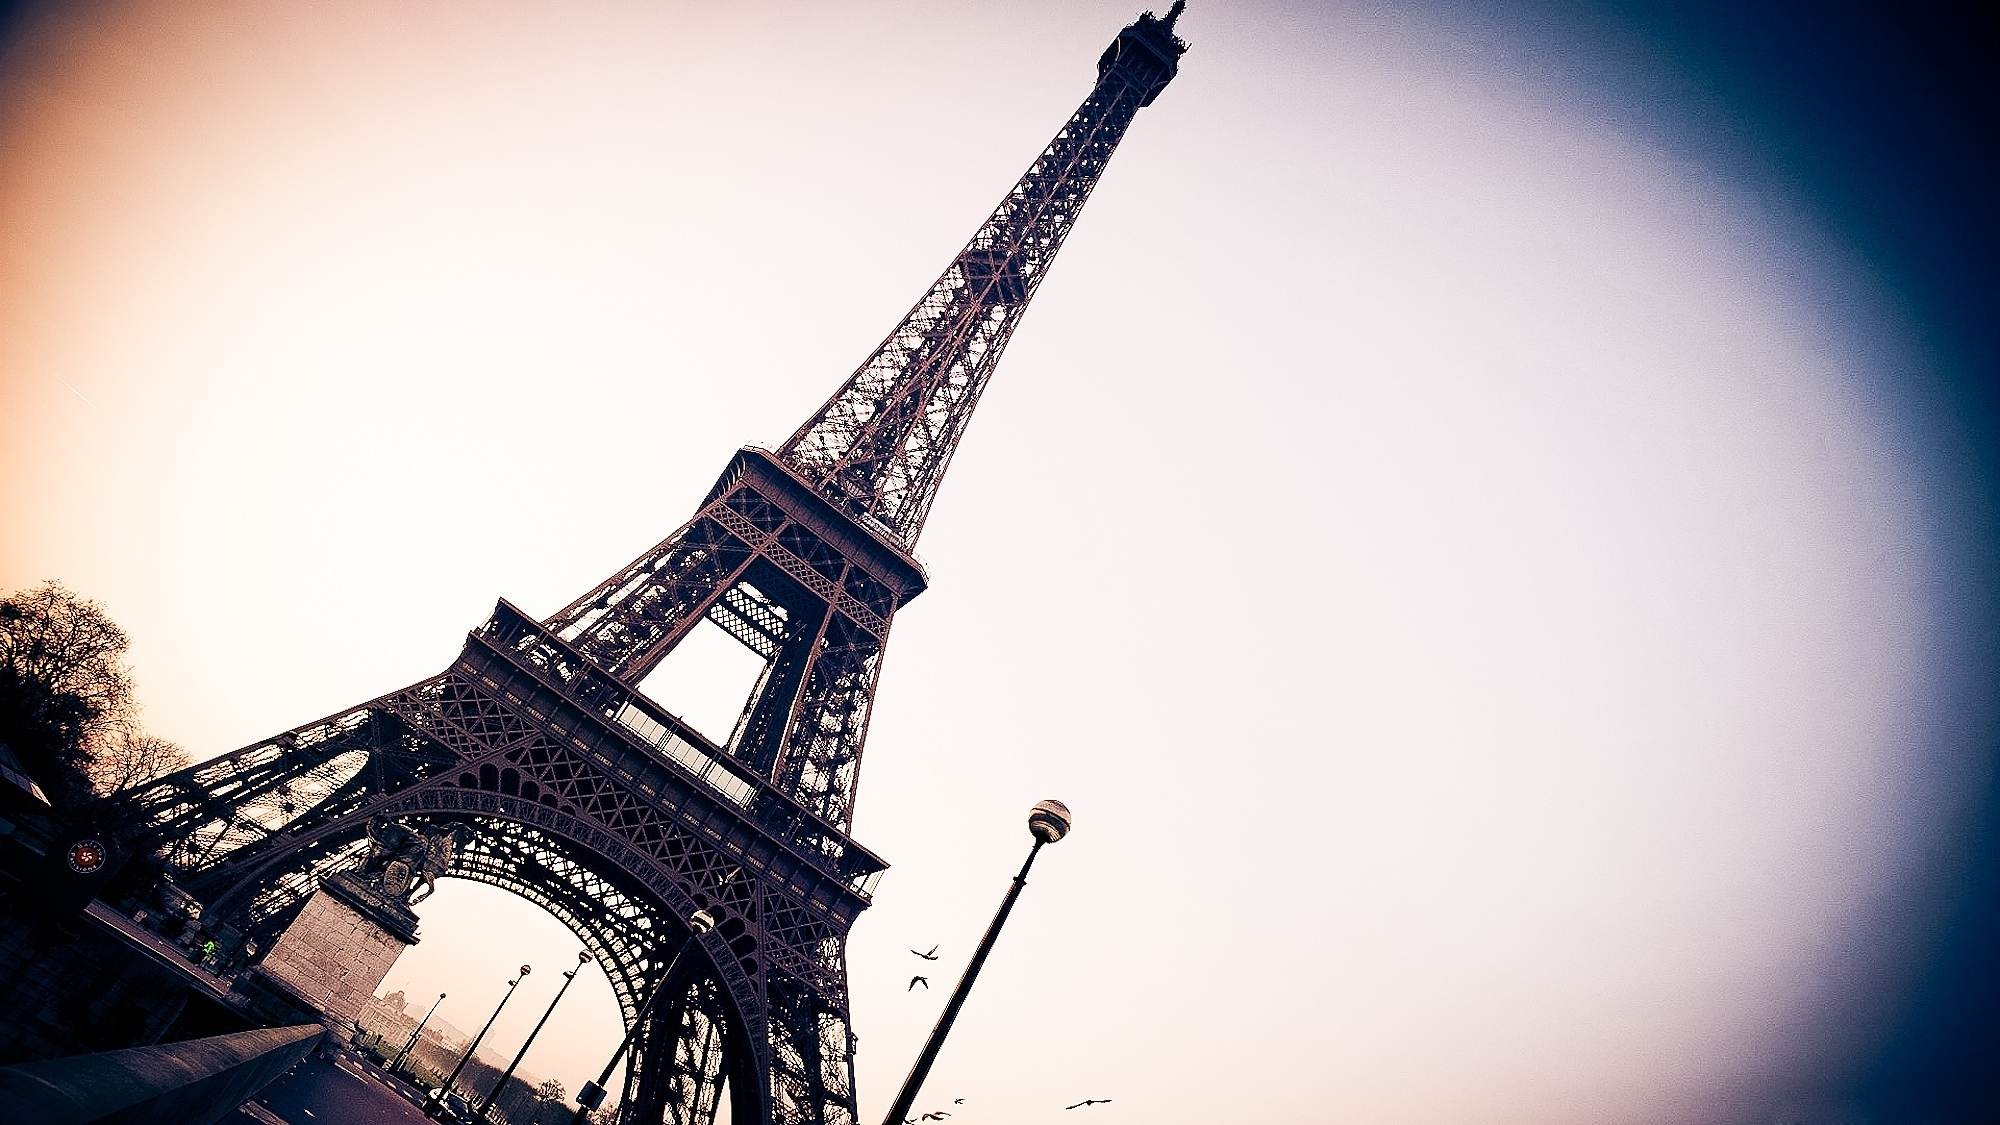 70528壁紙のダウンロード市, 都市, パリ, タワー, 塔, エッフェル, フランス-スクリーンセーバーと写真を無料で